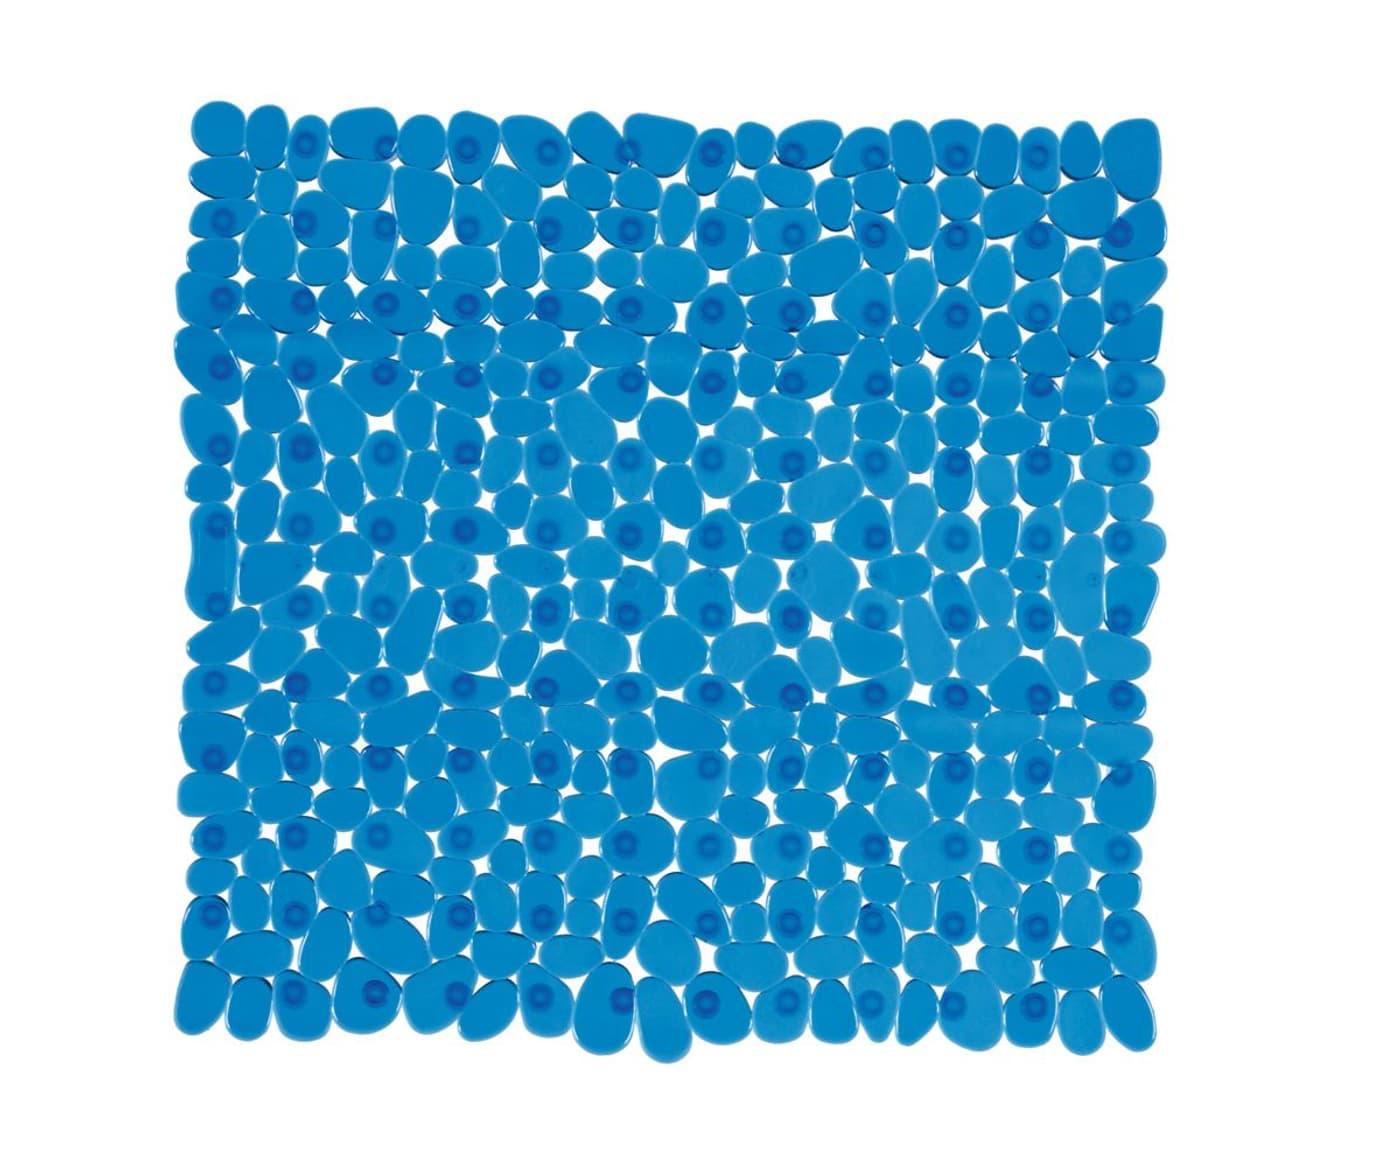 Stone tapis antid rapant pour bac de douche migros - Tapis antiderapant pour douche ...